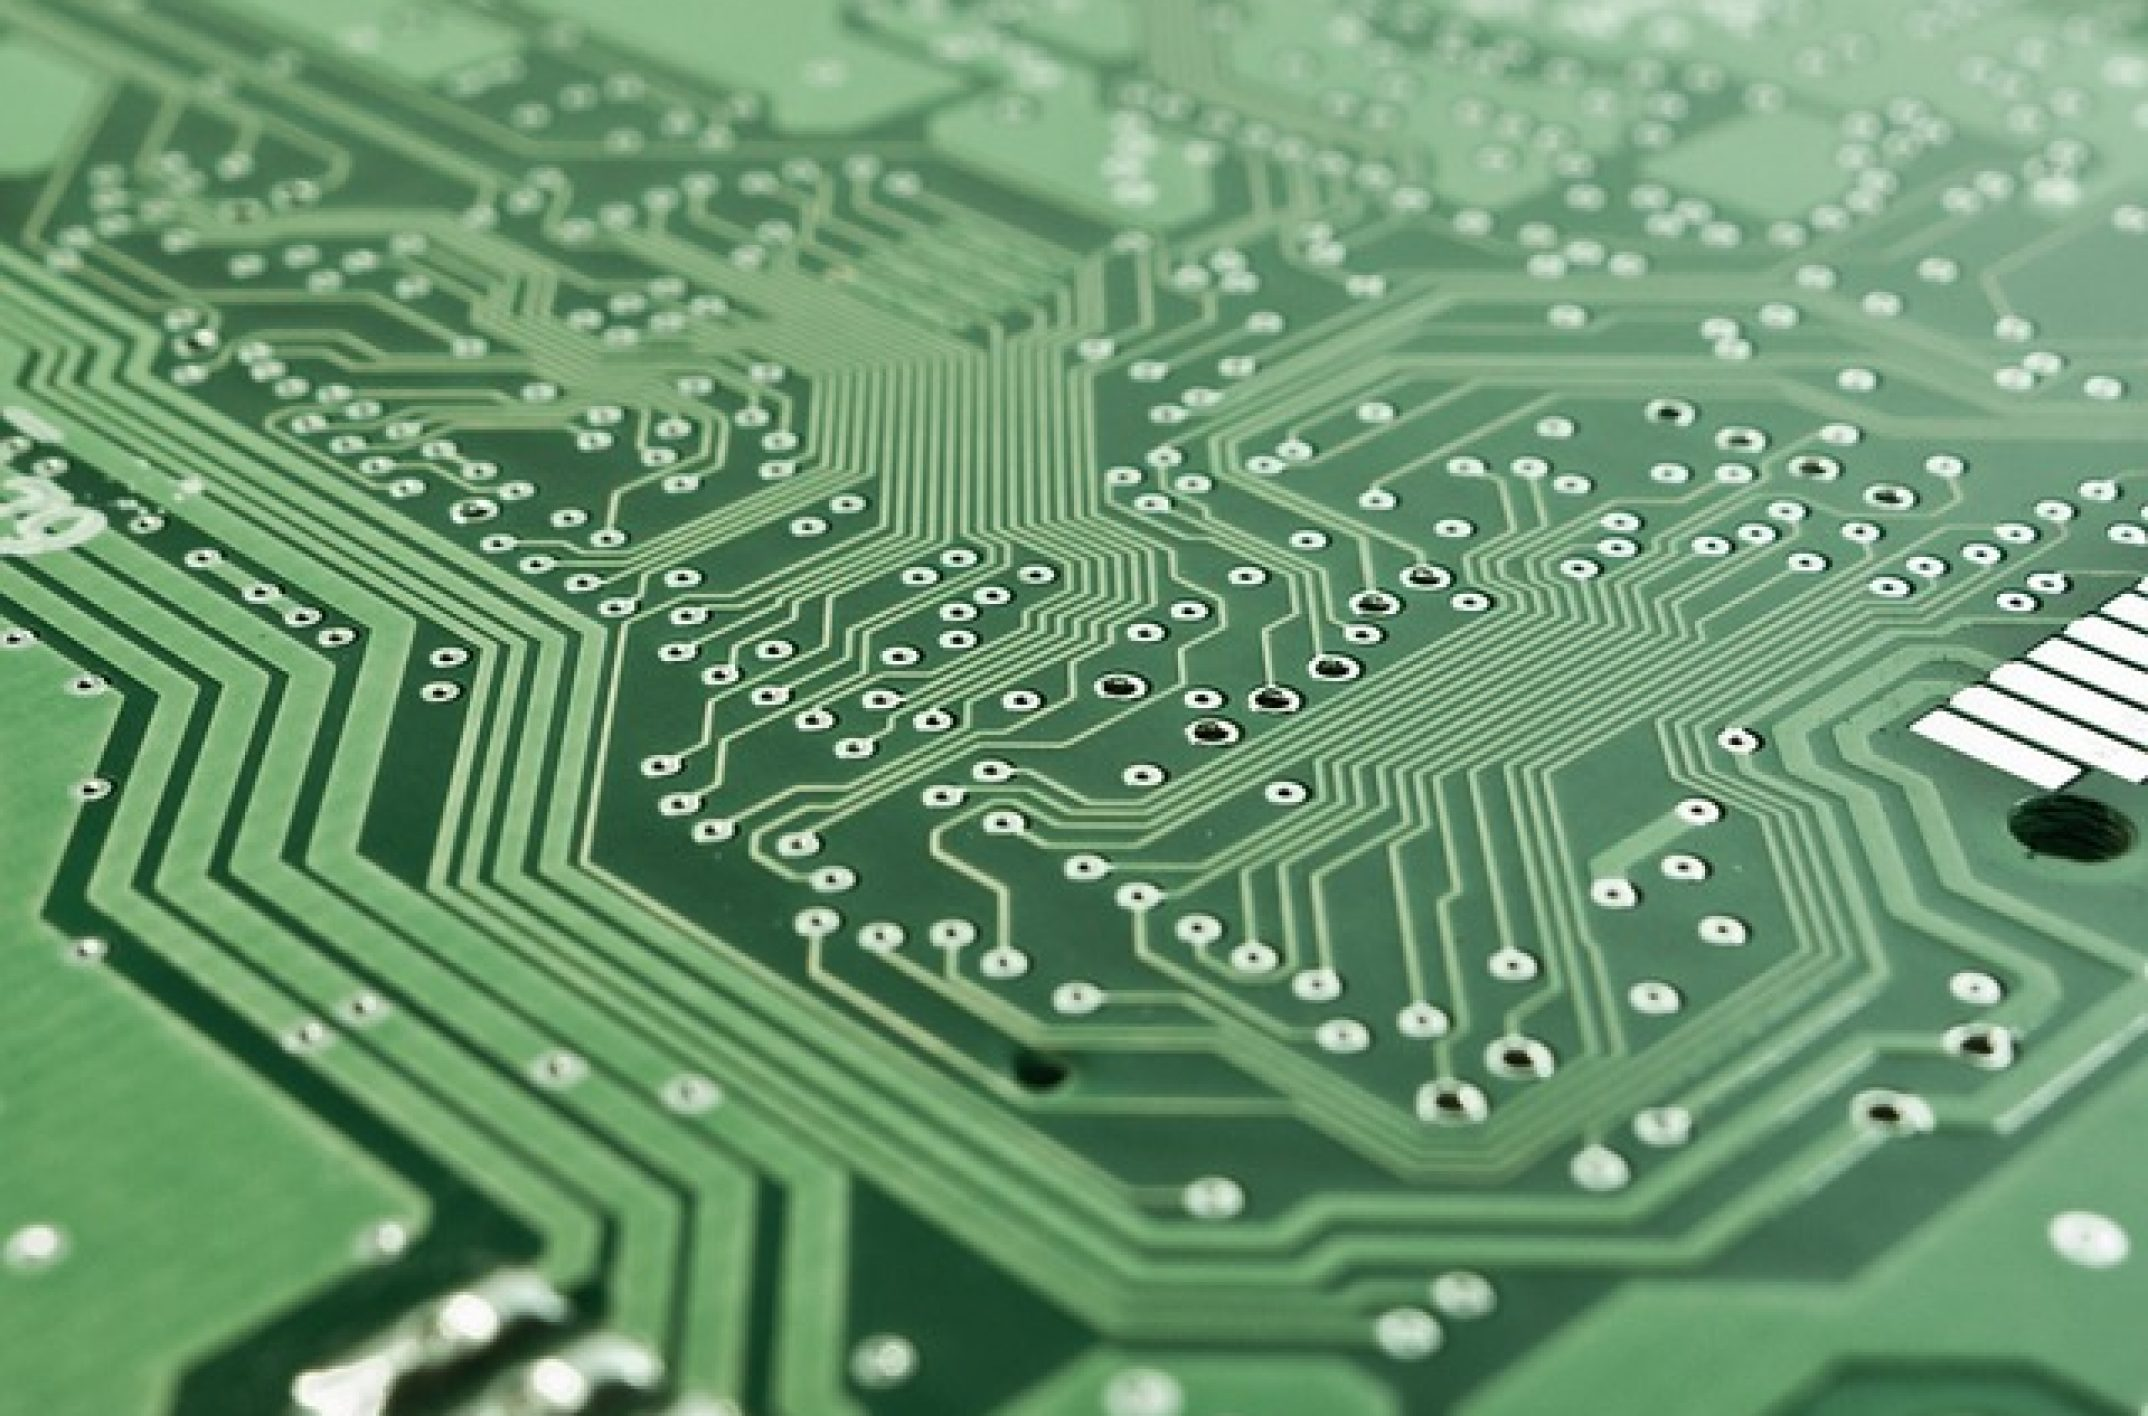 Maintenance informatique : Quels sont les types de maintenances informatiques ?